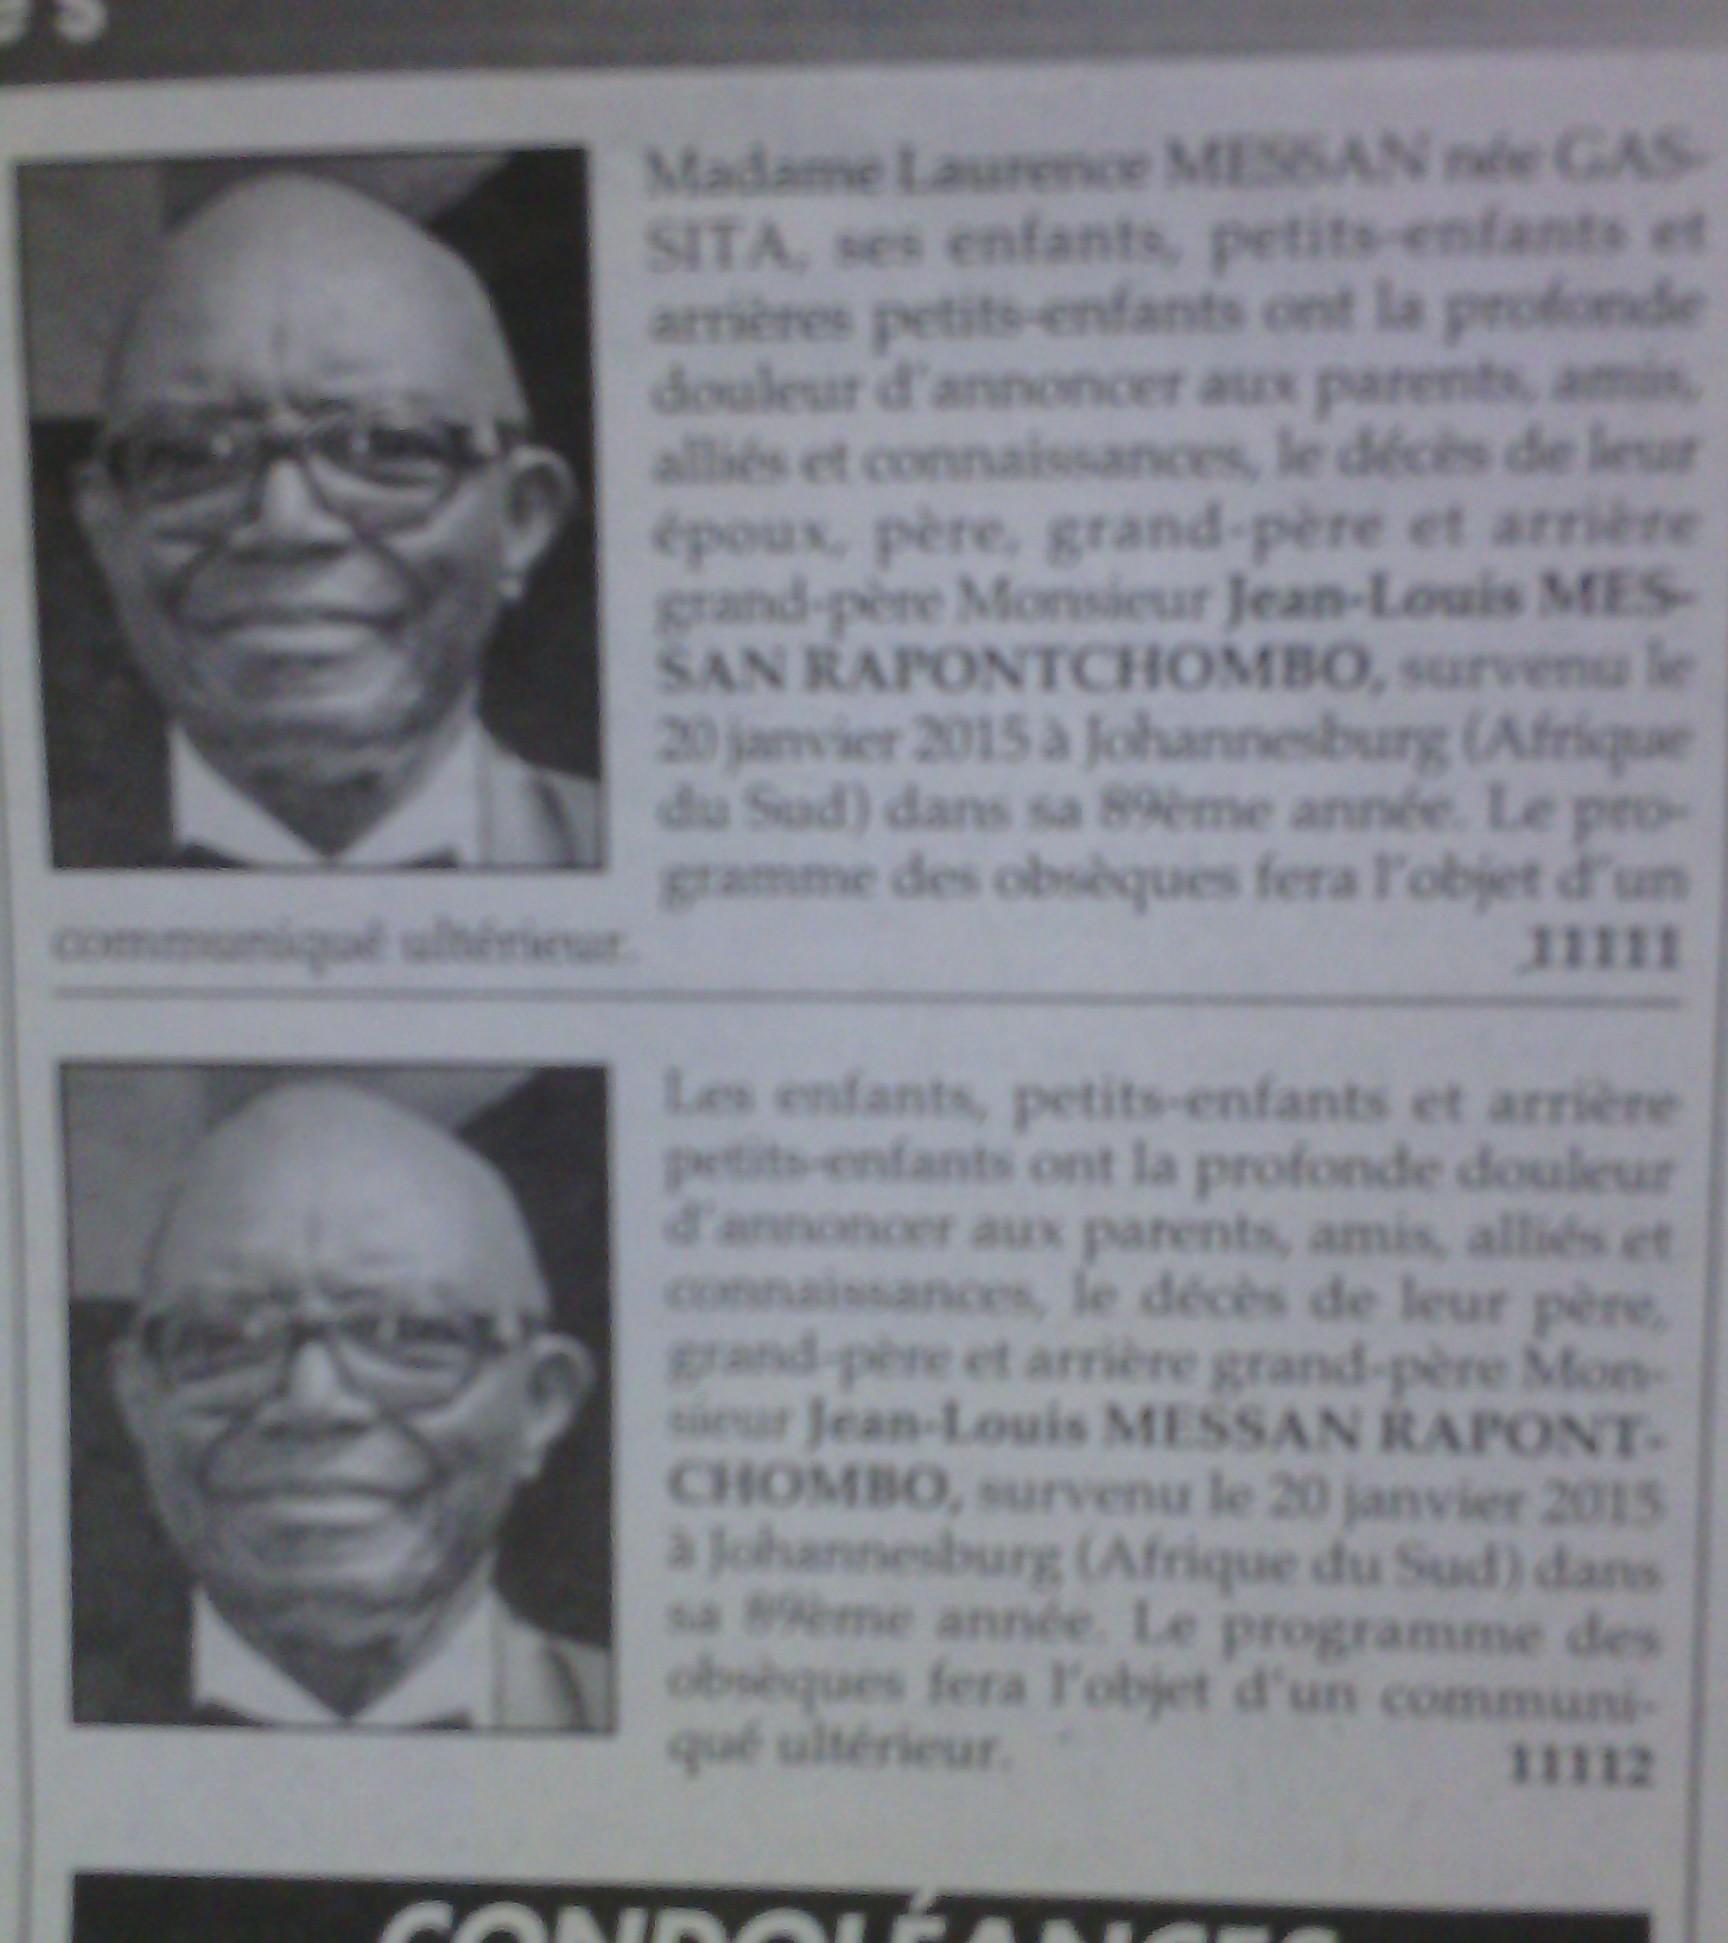 Décès de l'ancien médiateur de la République Jean Louis Messan